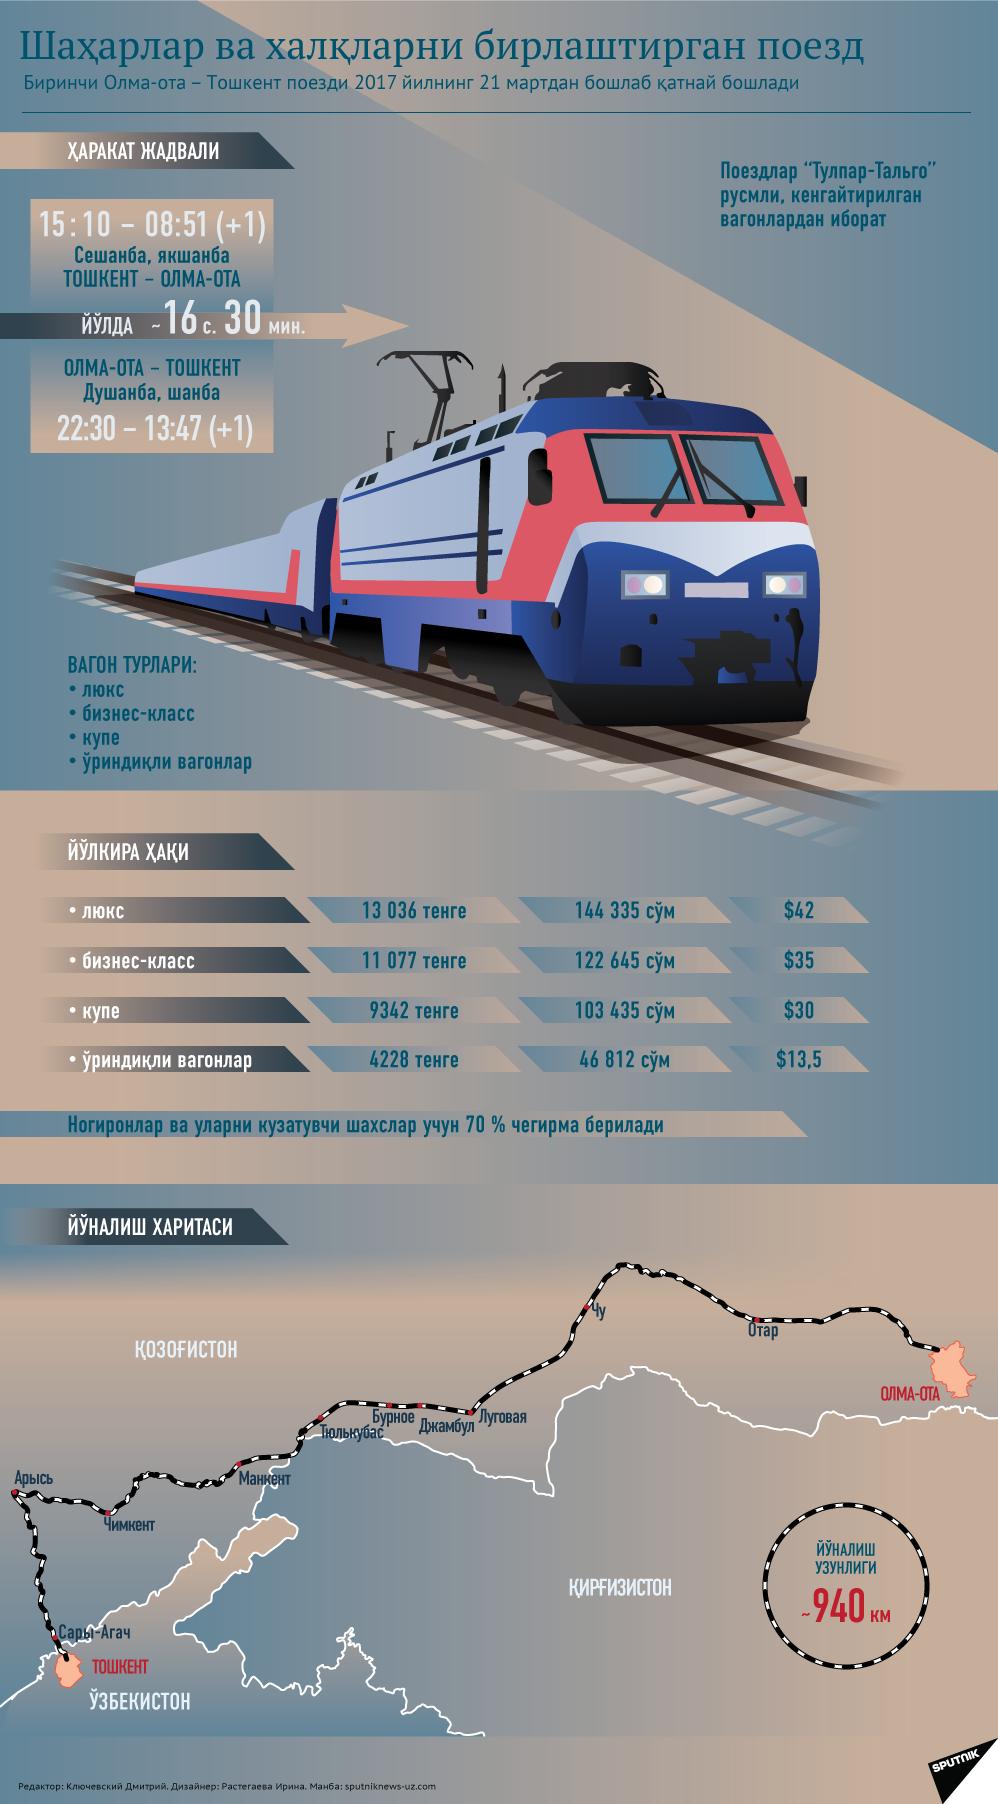 Тошкент - Олма-ота поезди - Sputnik Ўзбекистон